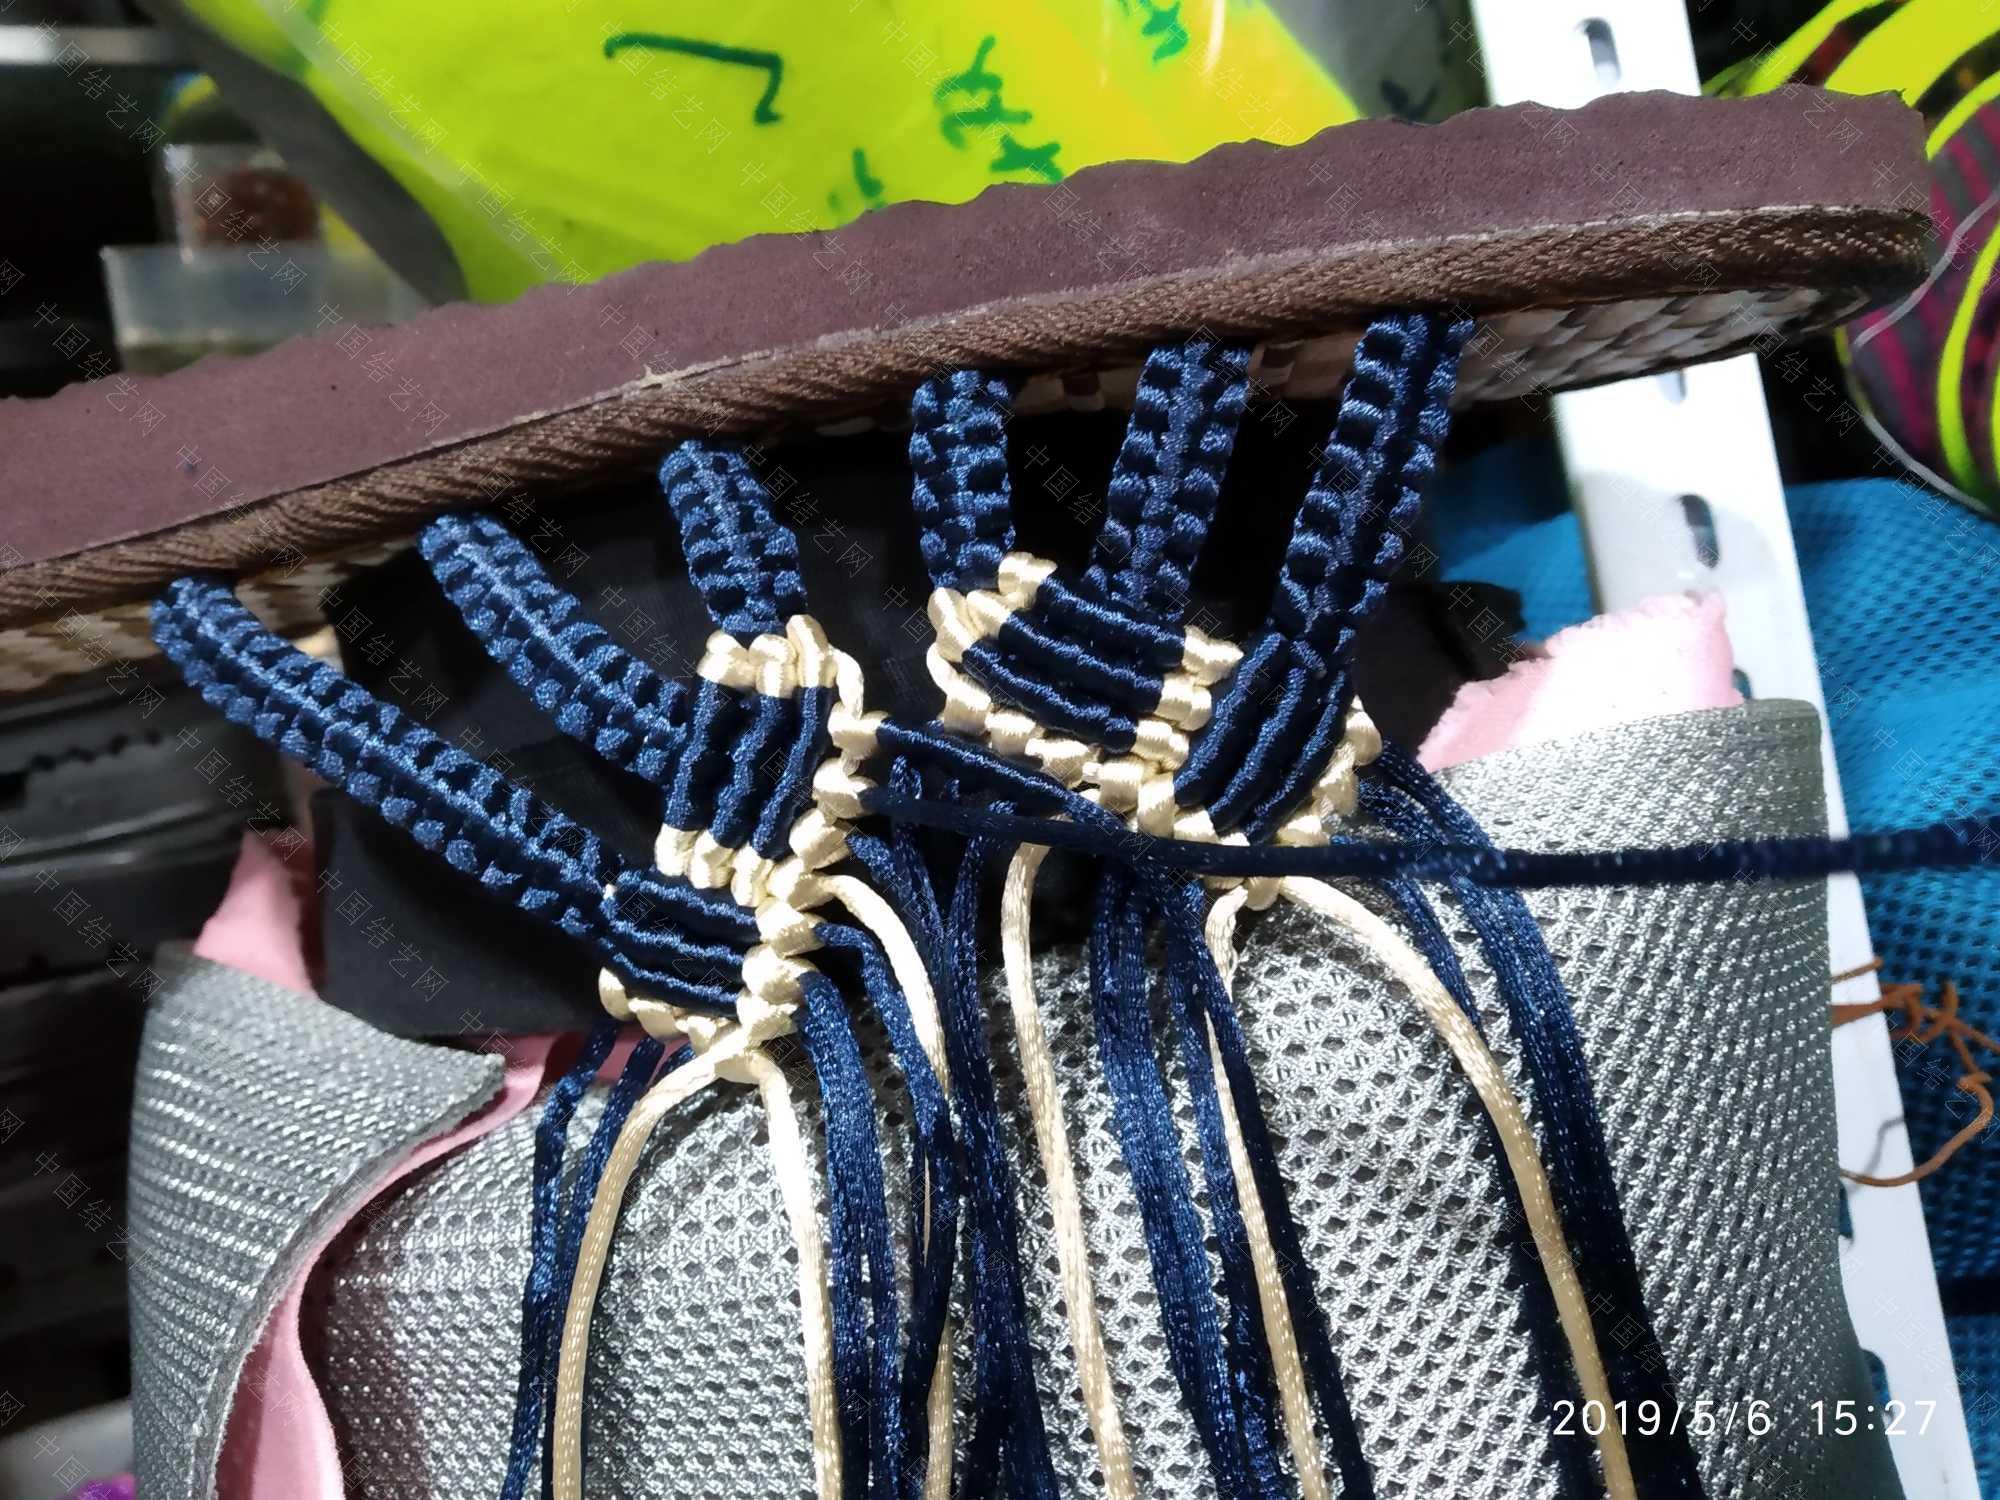 中国结论坛 中国结方块拖鞋44-45码  图文教程区 094822i7h4rrw1gnm7r72g